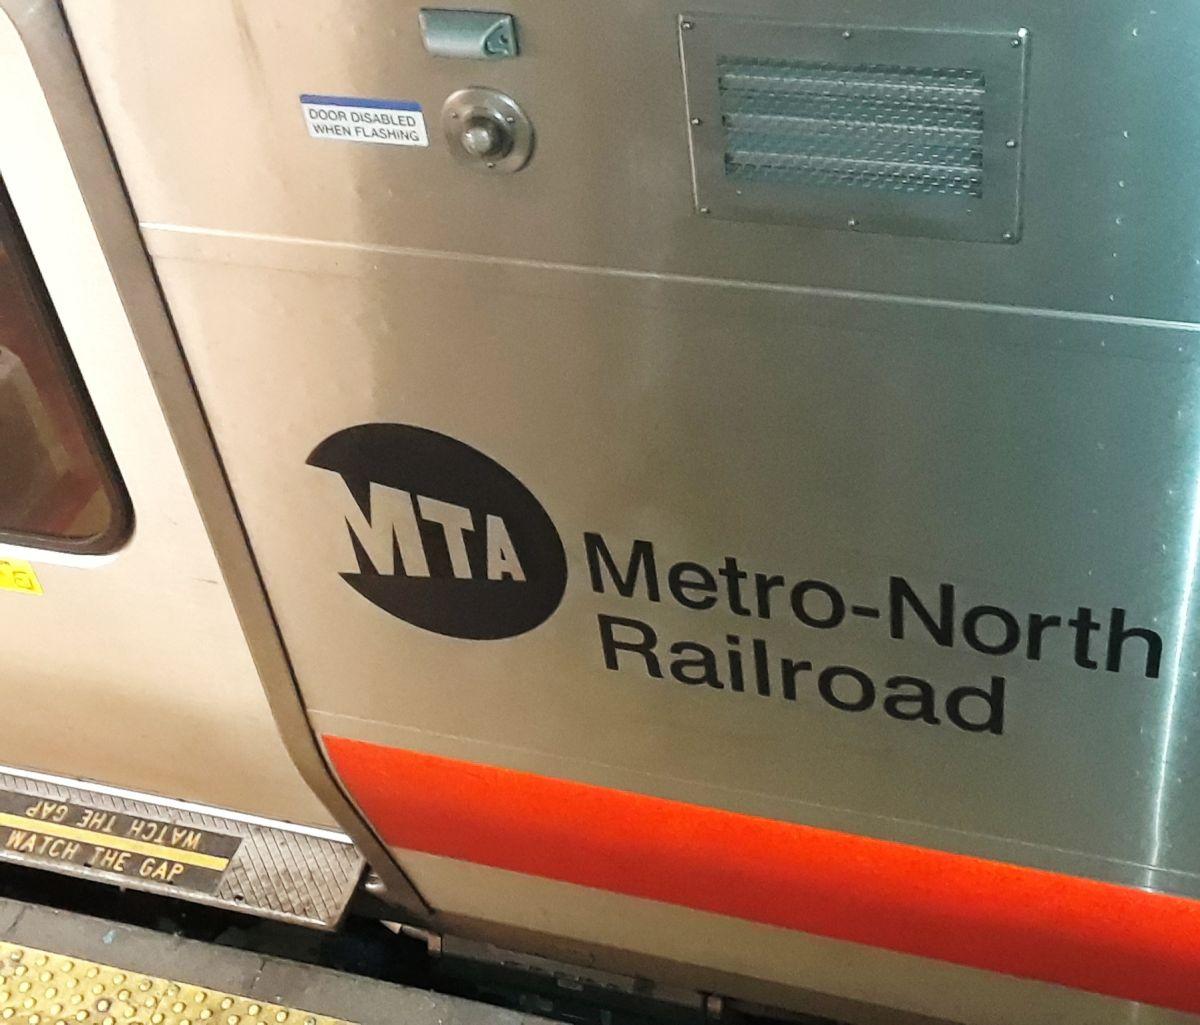 Nueva aplicación trilingüe de MTA permite evitar congestión en trenes LIRR post cuarentena